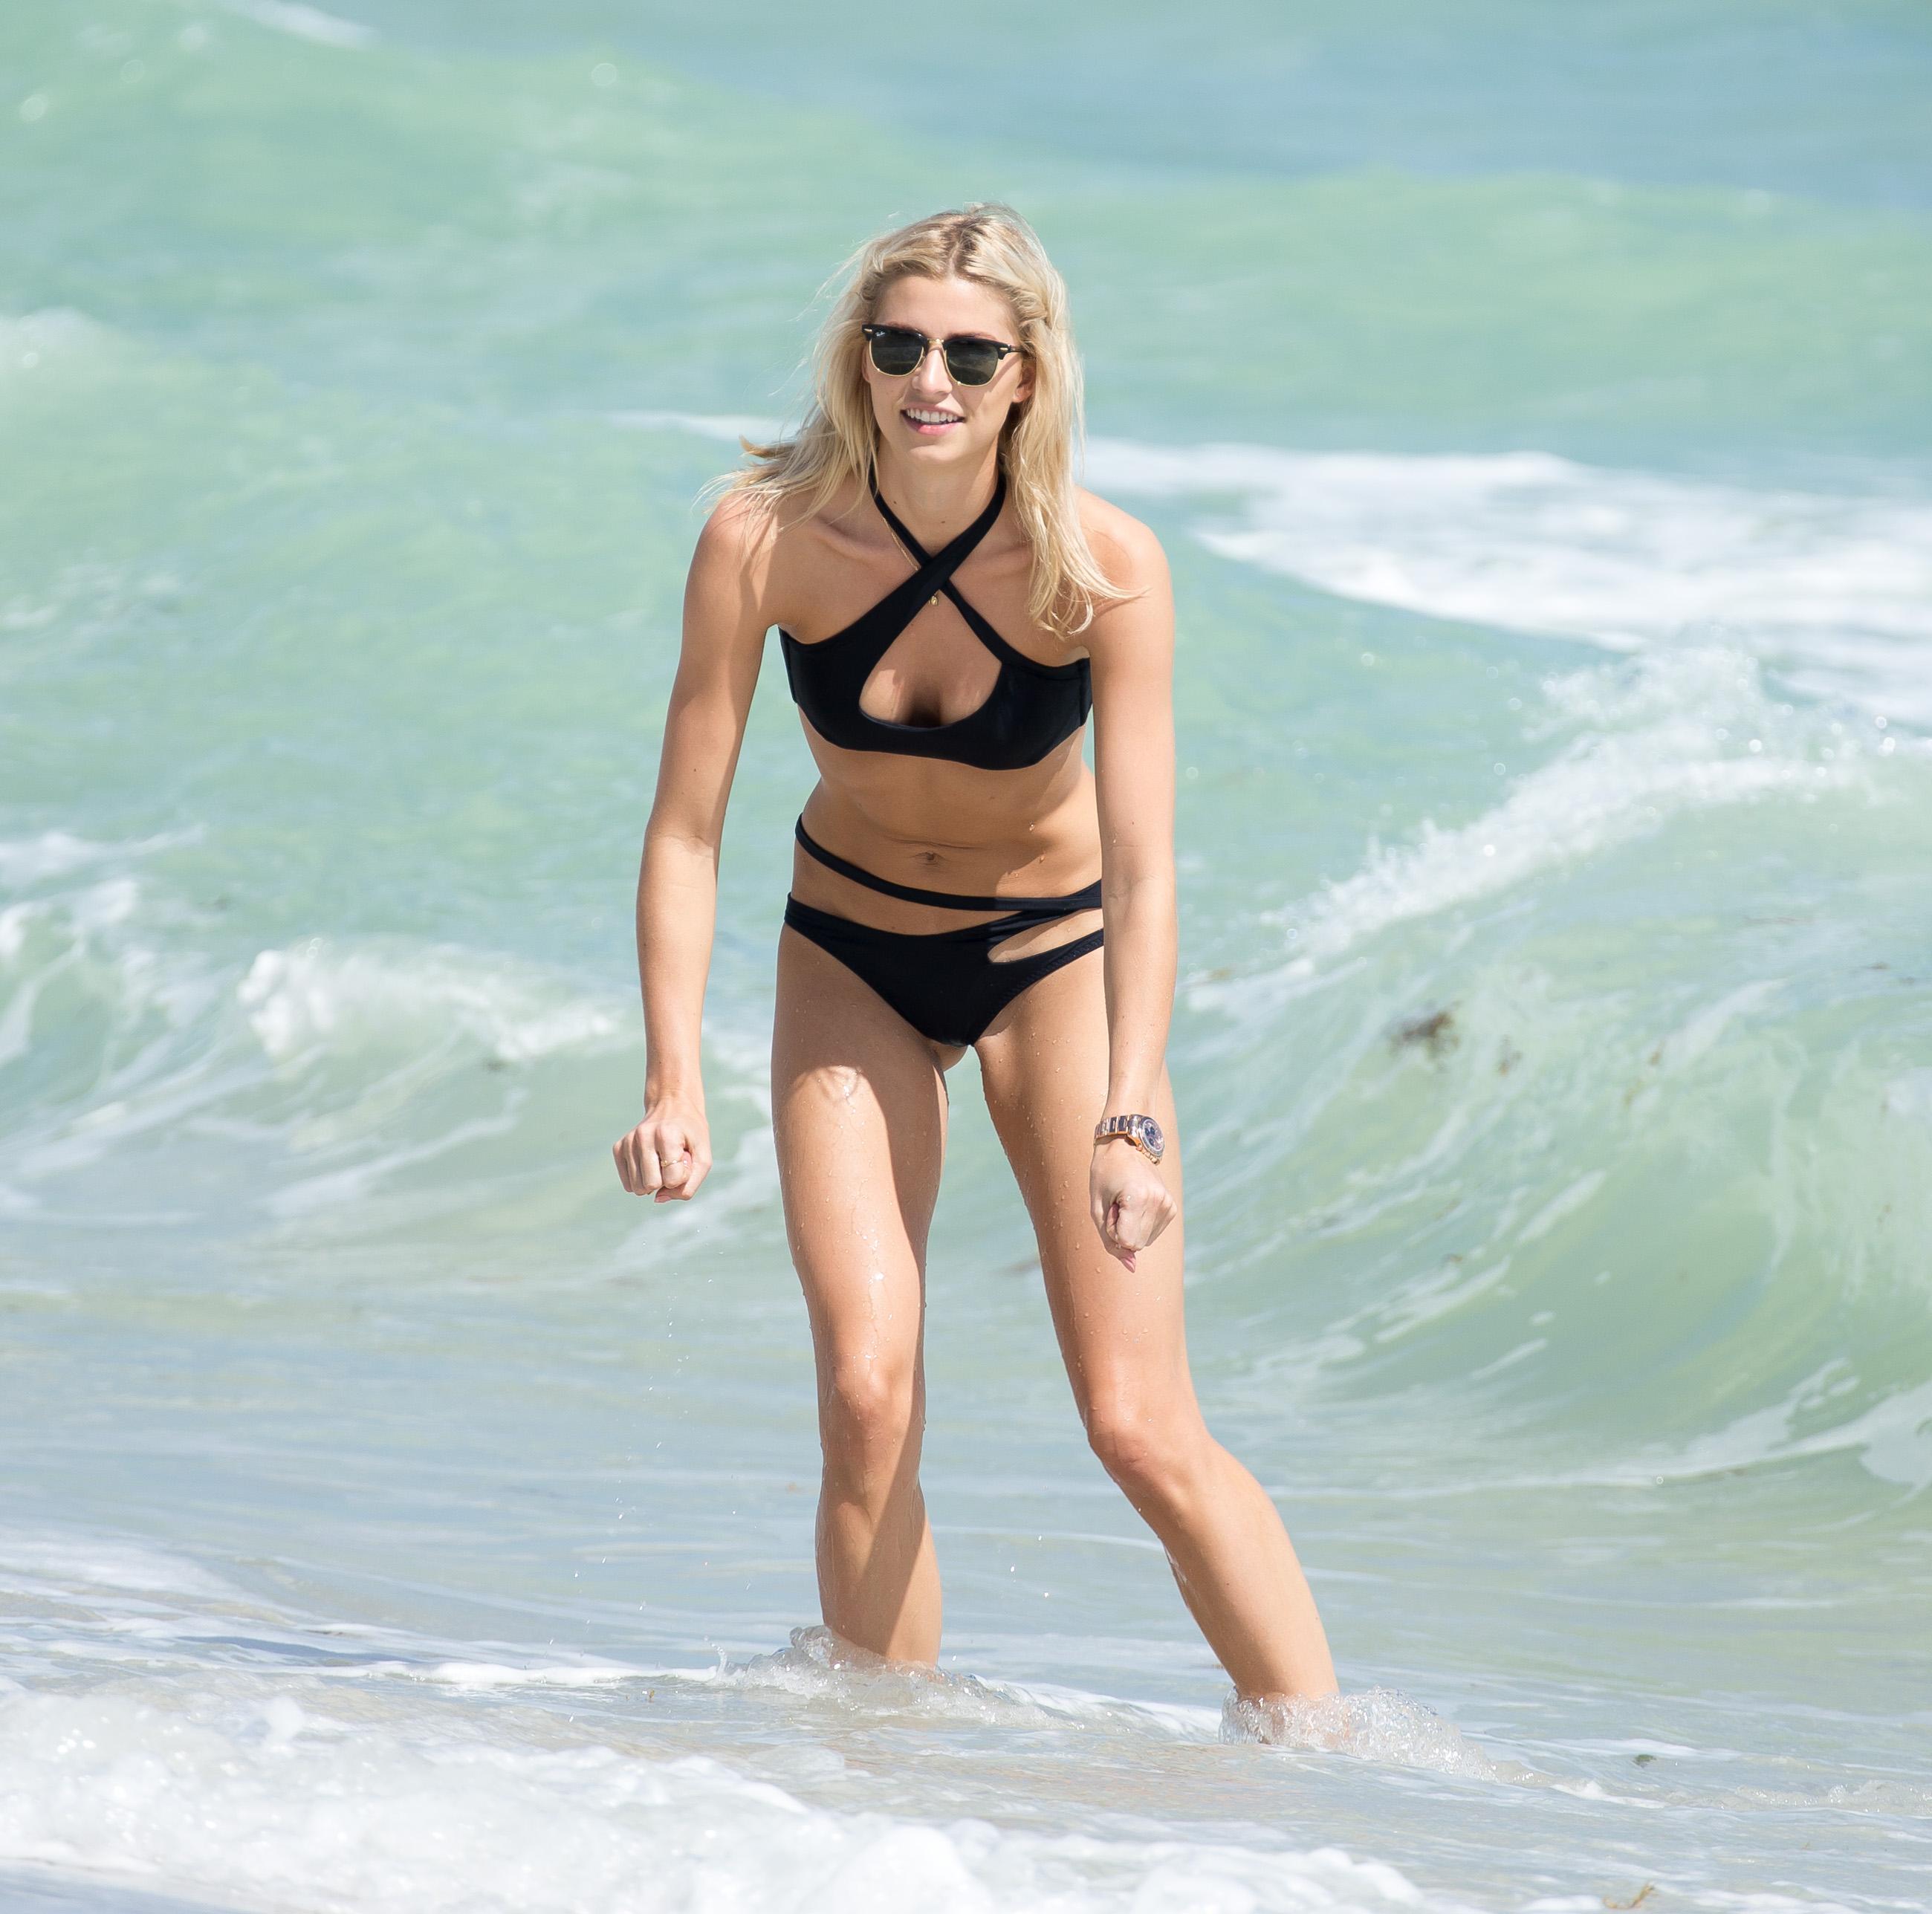 Lena-Gercke-in-a-Bikini-29